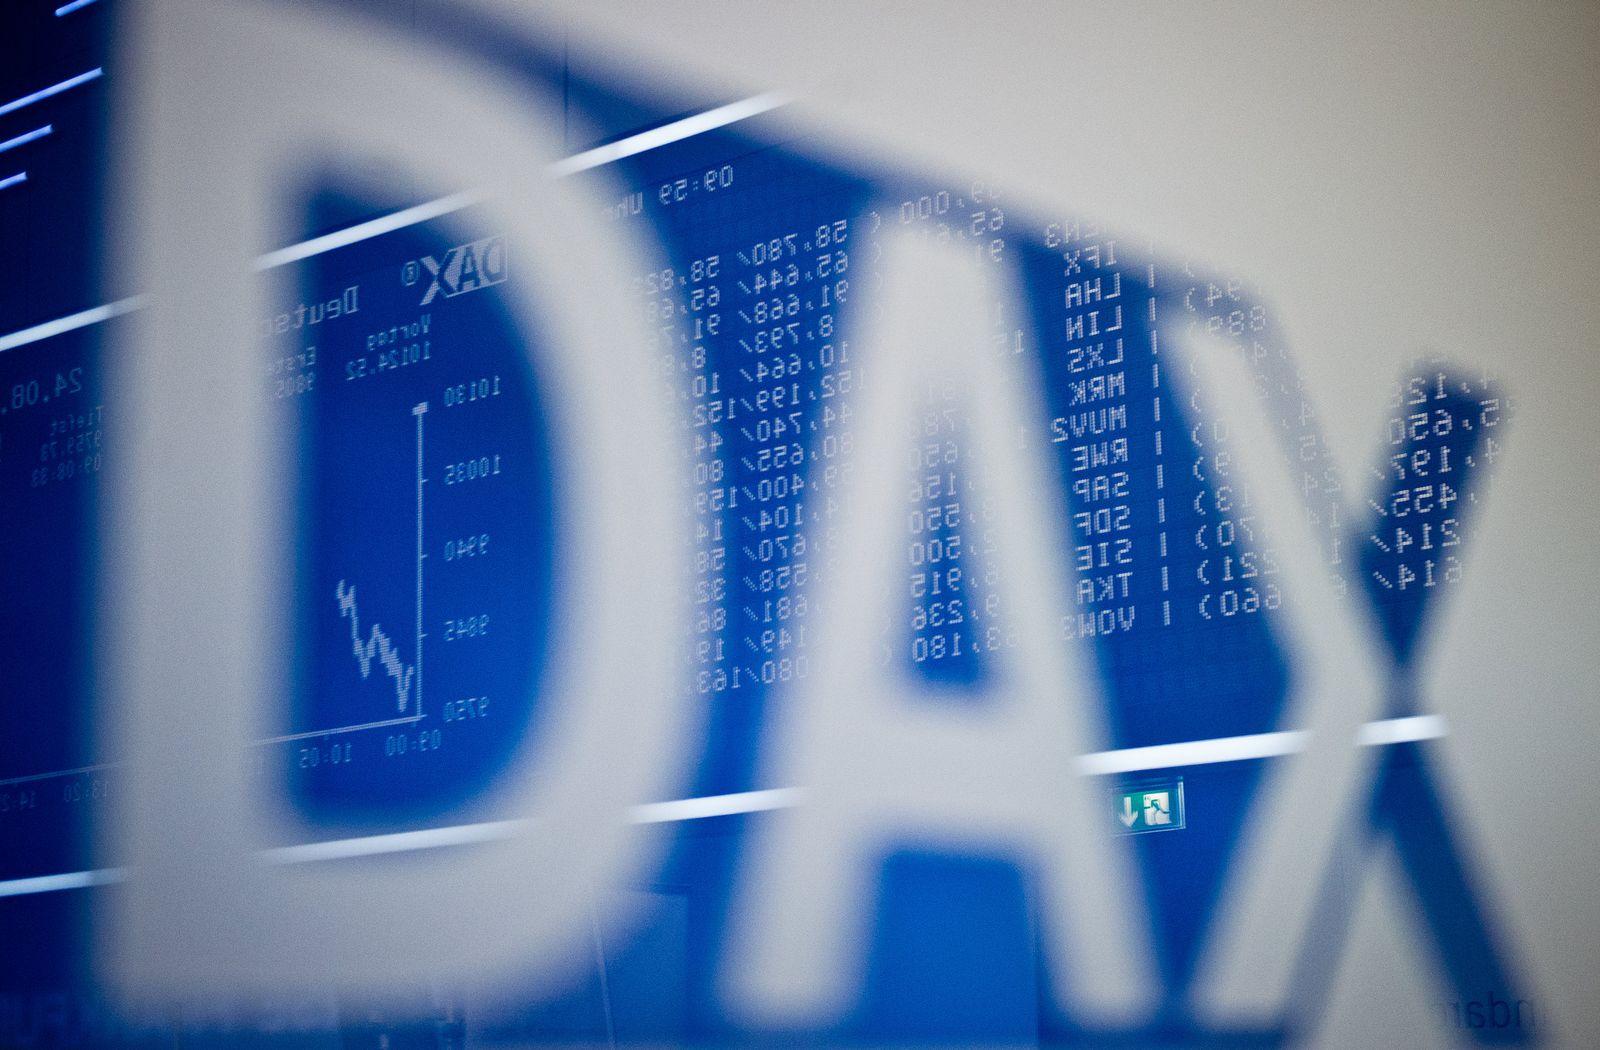 DAX fällt unter 10 000-Punkte-Marke